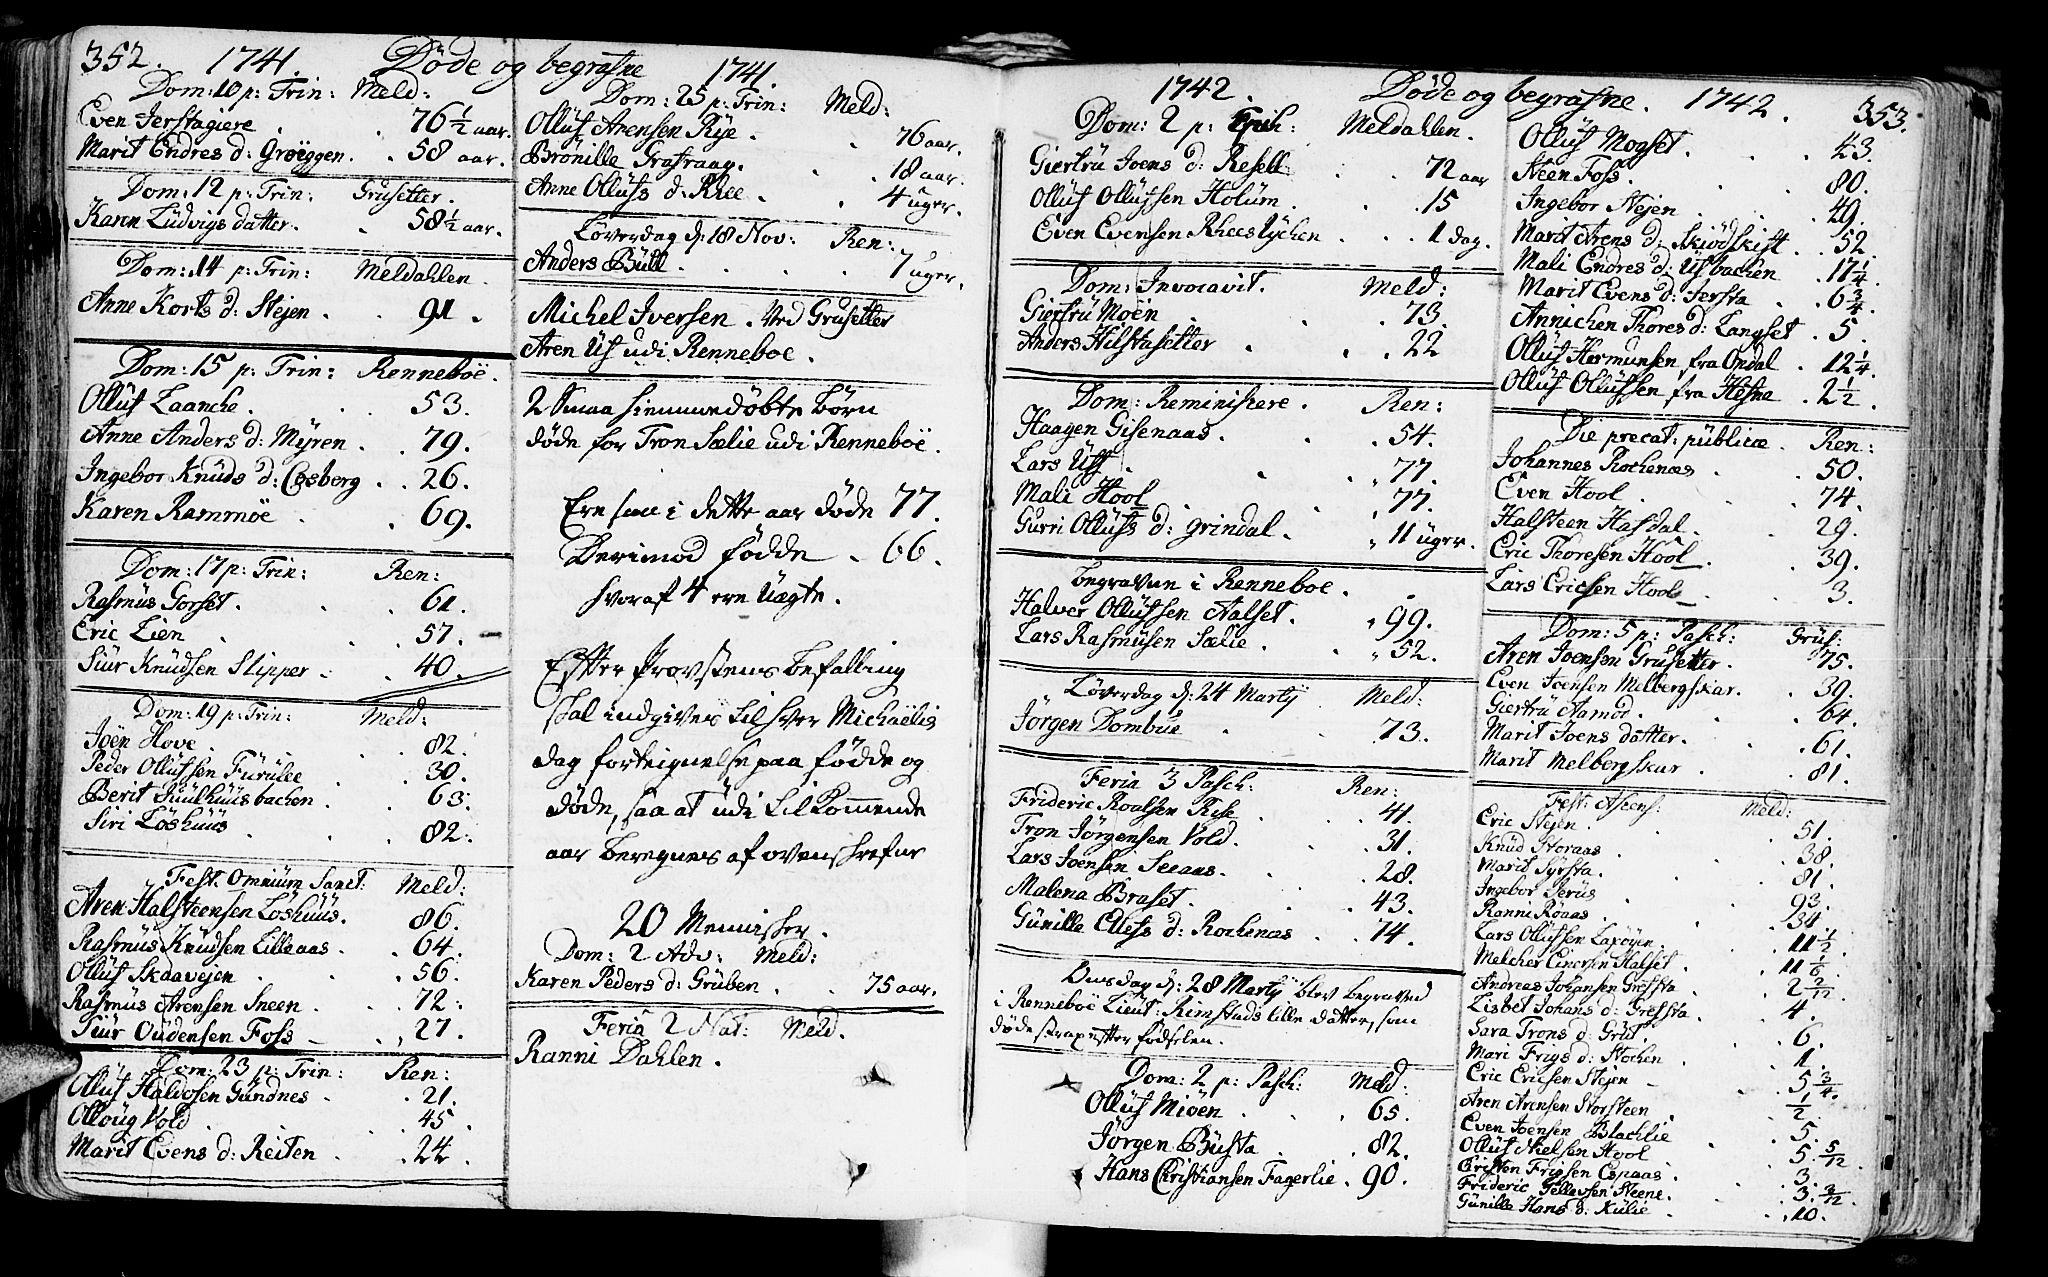 SAT, Ministerialprotokoller, klokkerbøker og fødselsregistre - Sør-Trøndelag, 672/L0850: Ministerialbok nr. 672A03, 1725-1751, s. 352-353